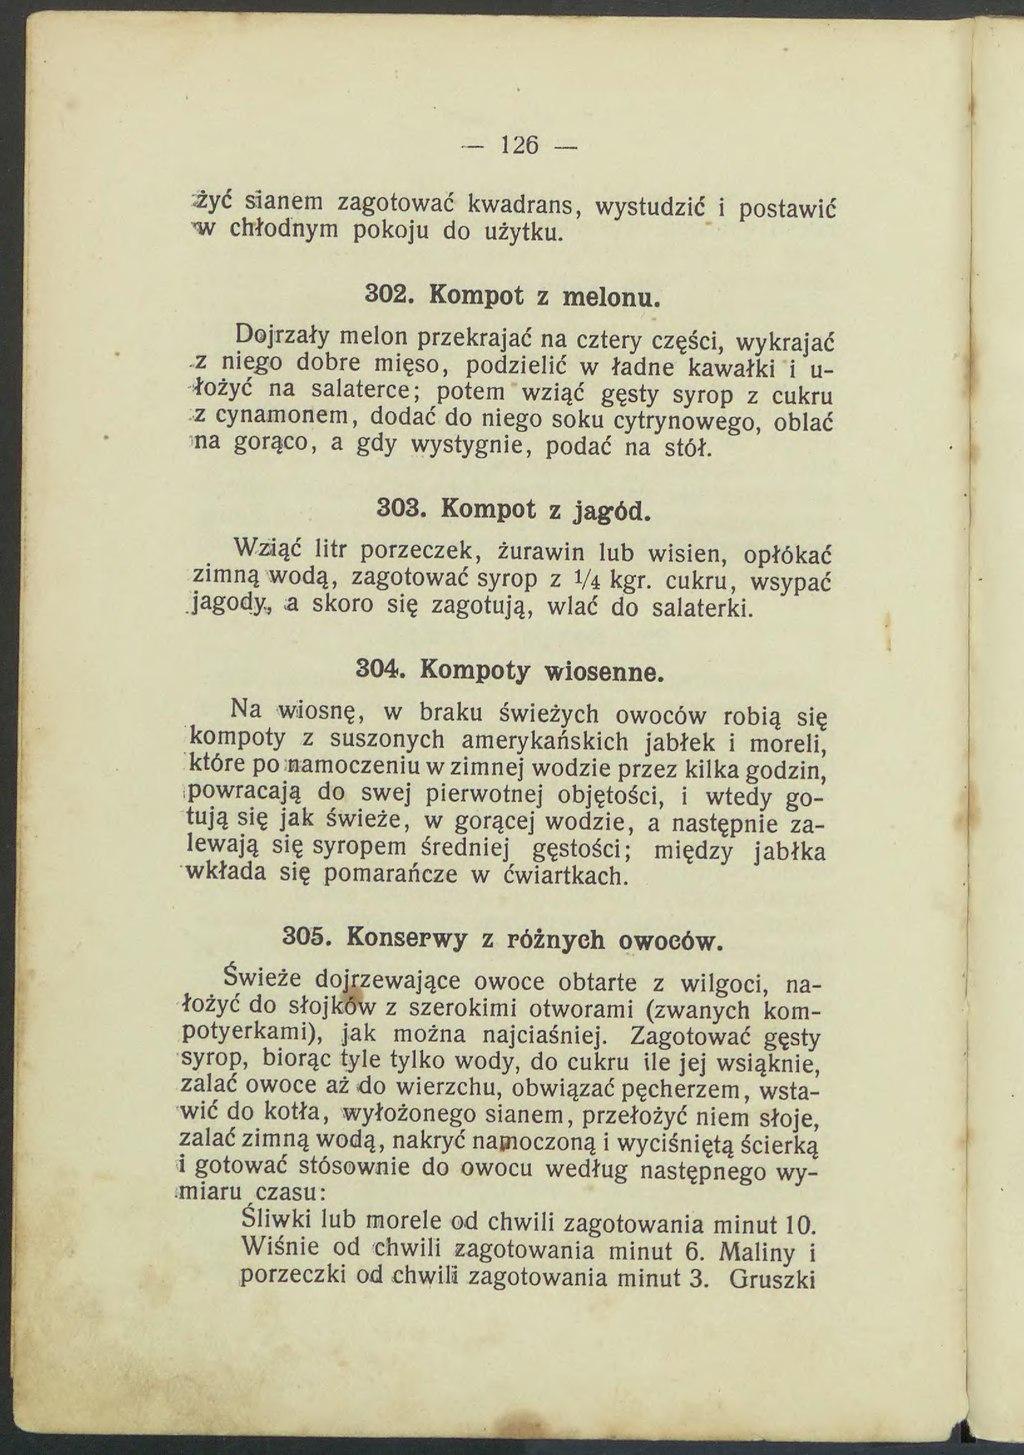 Stronakuchnia Polskadjvu130 Wikiźródła Wolna Biblioteka